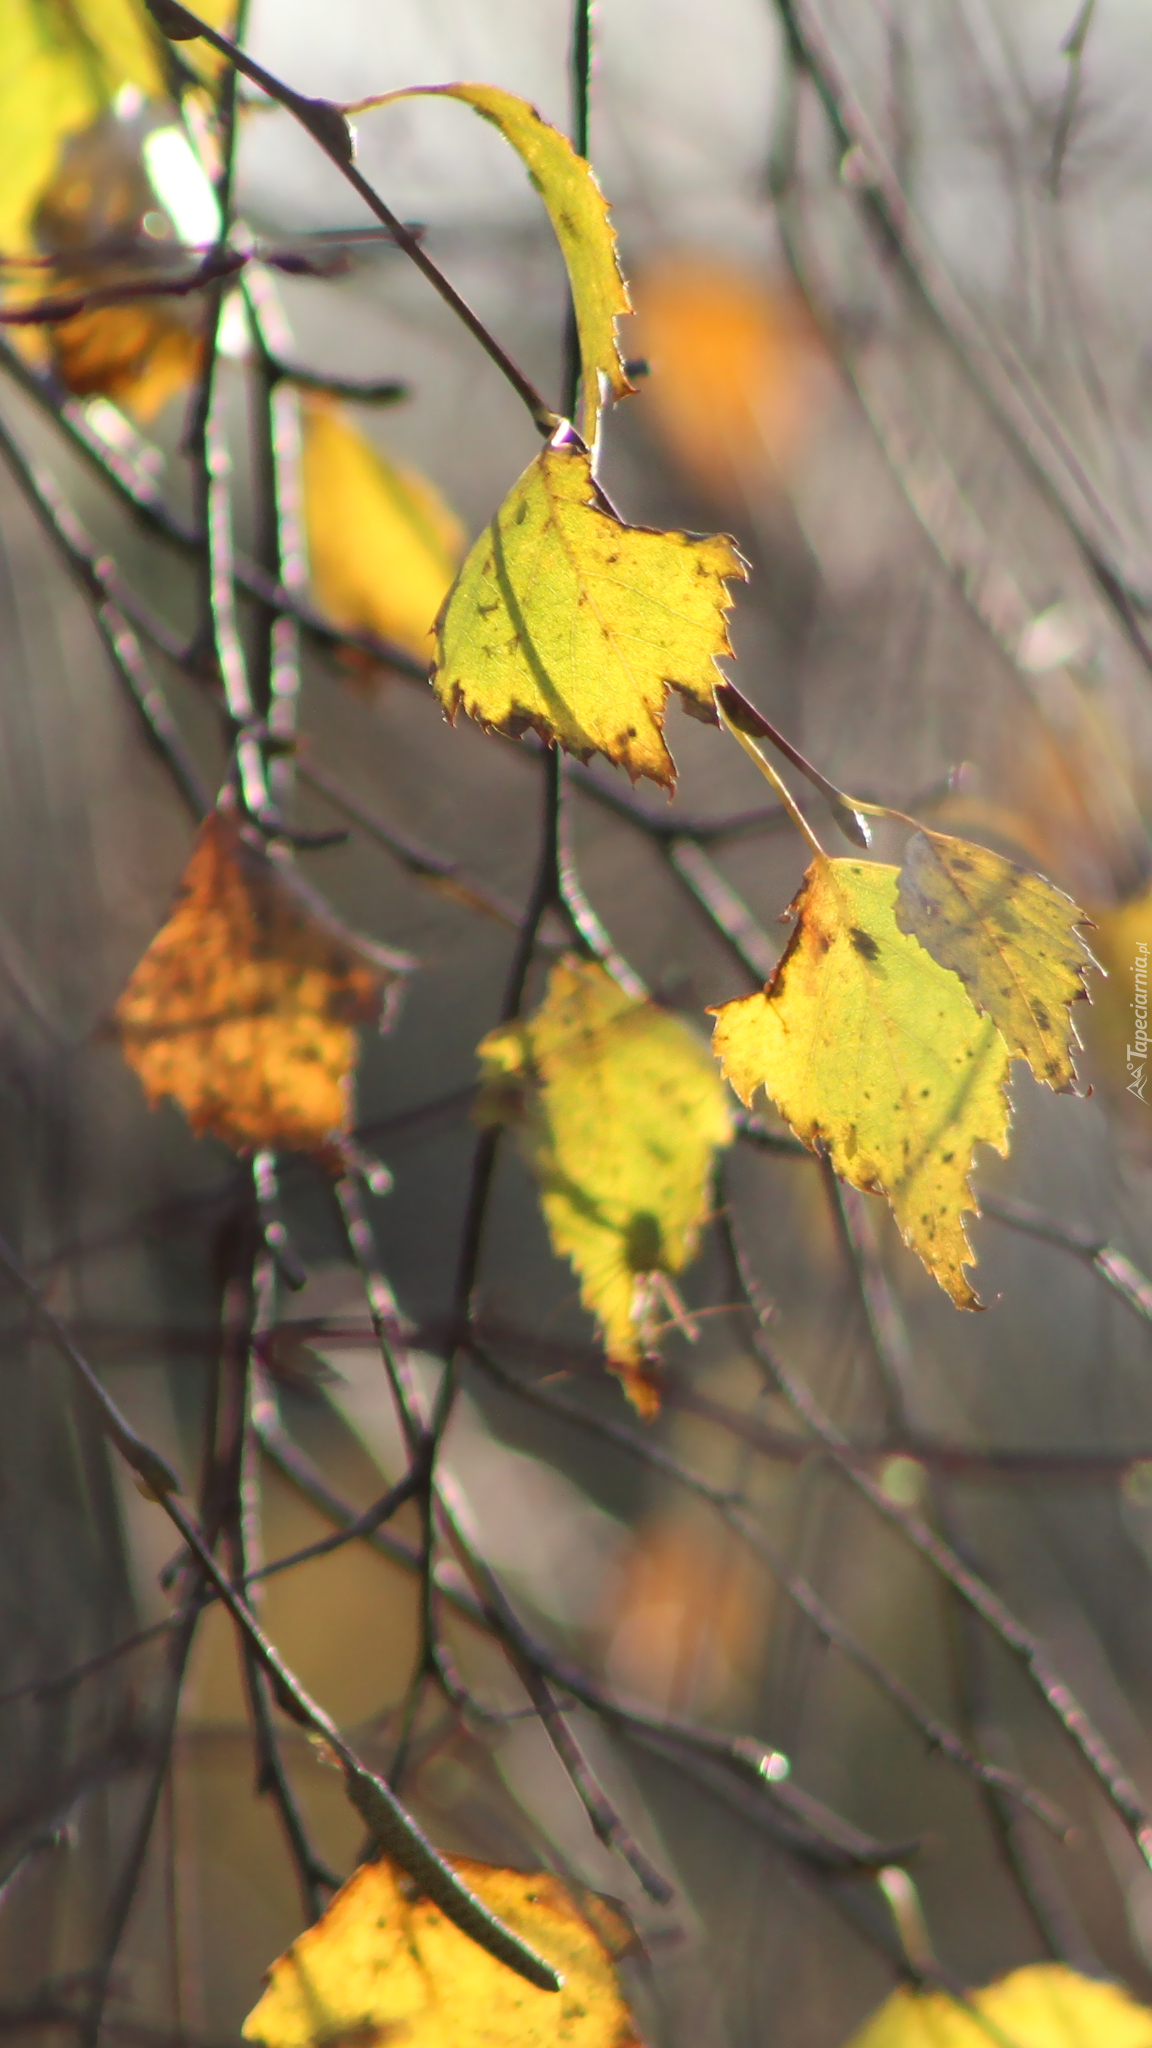 Pożółkłe liście brzozy